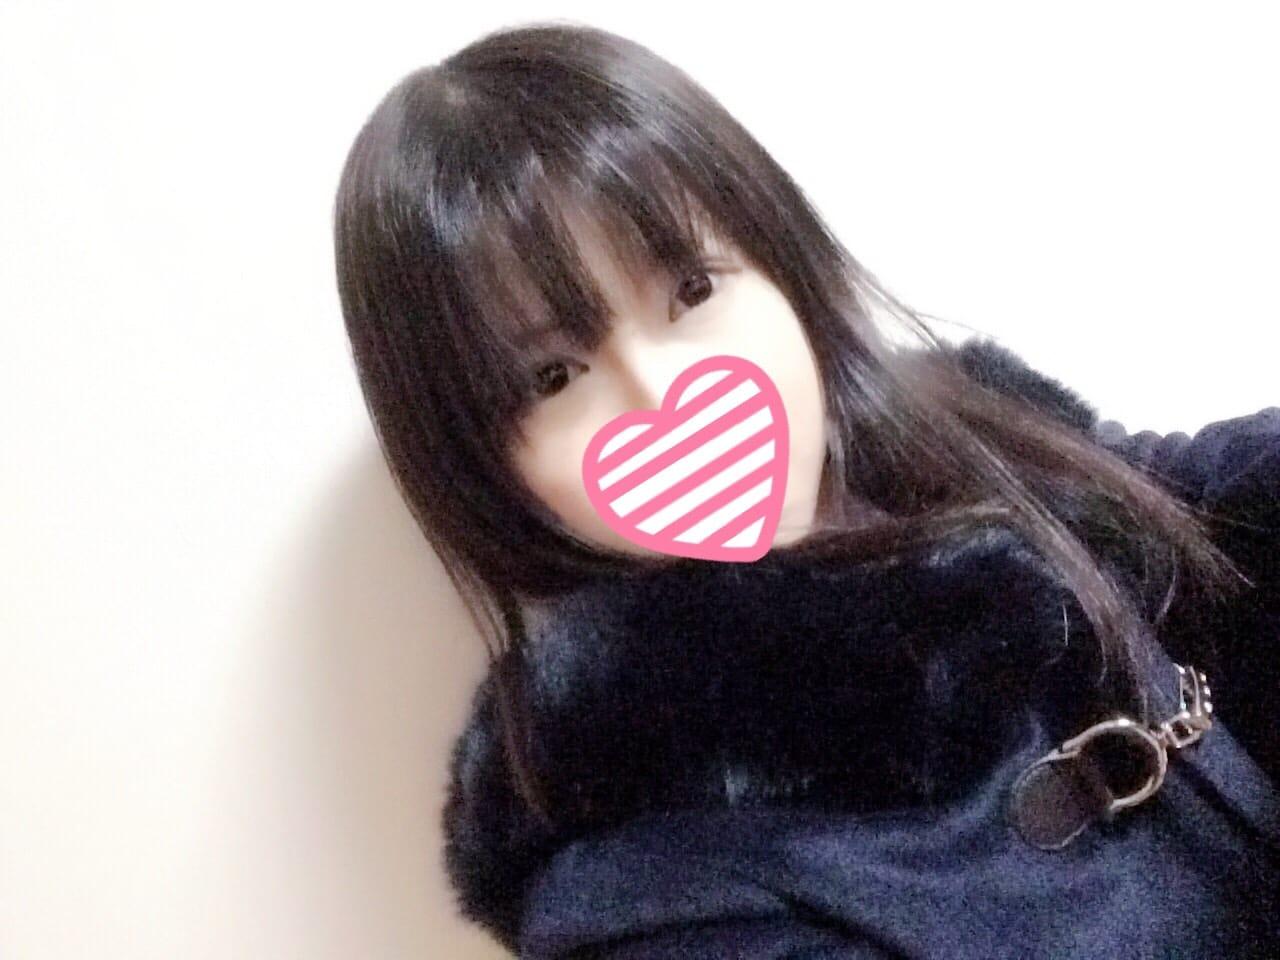 「起きちゃった><」01/15(月) 04:06   かのんの写メ・風俗動画